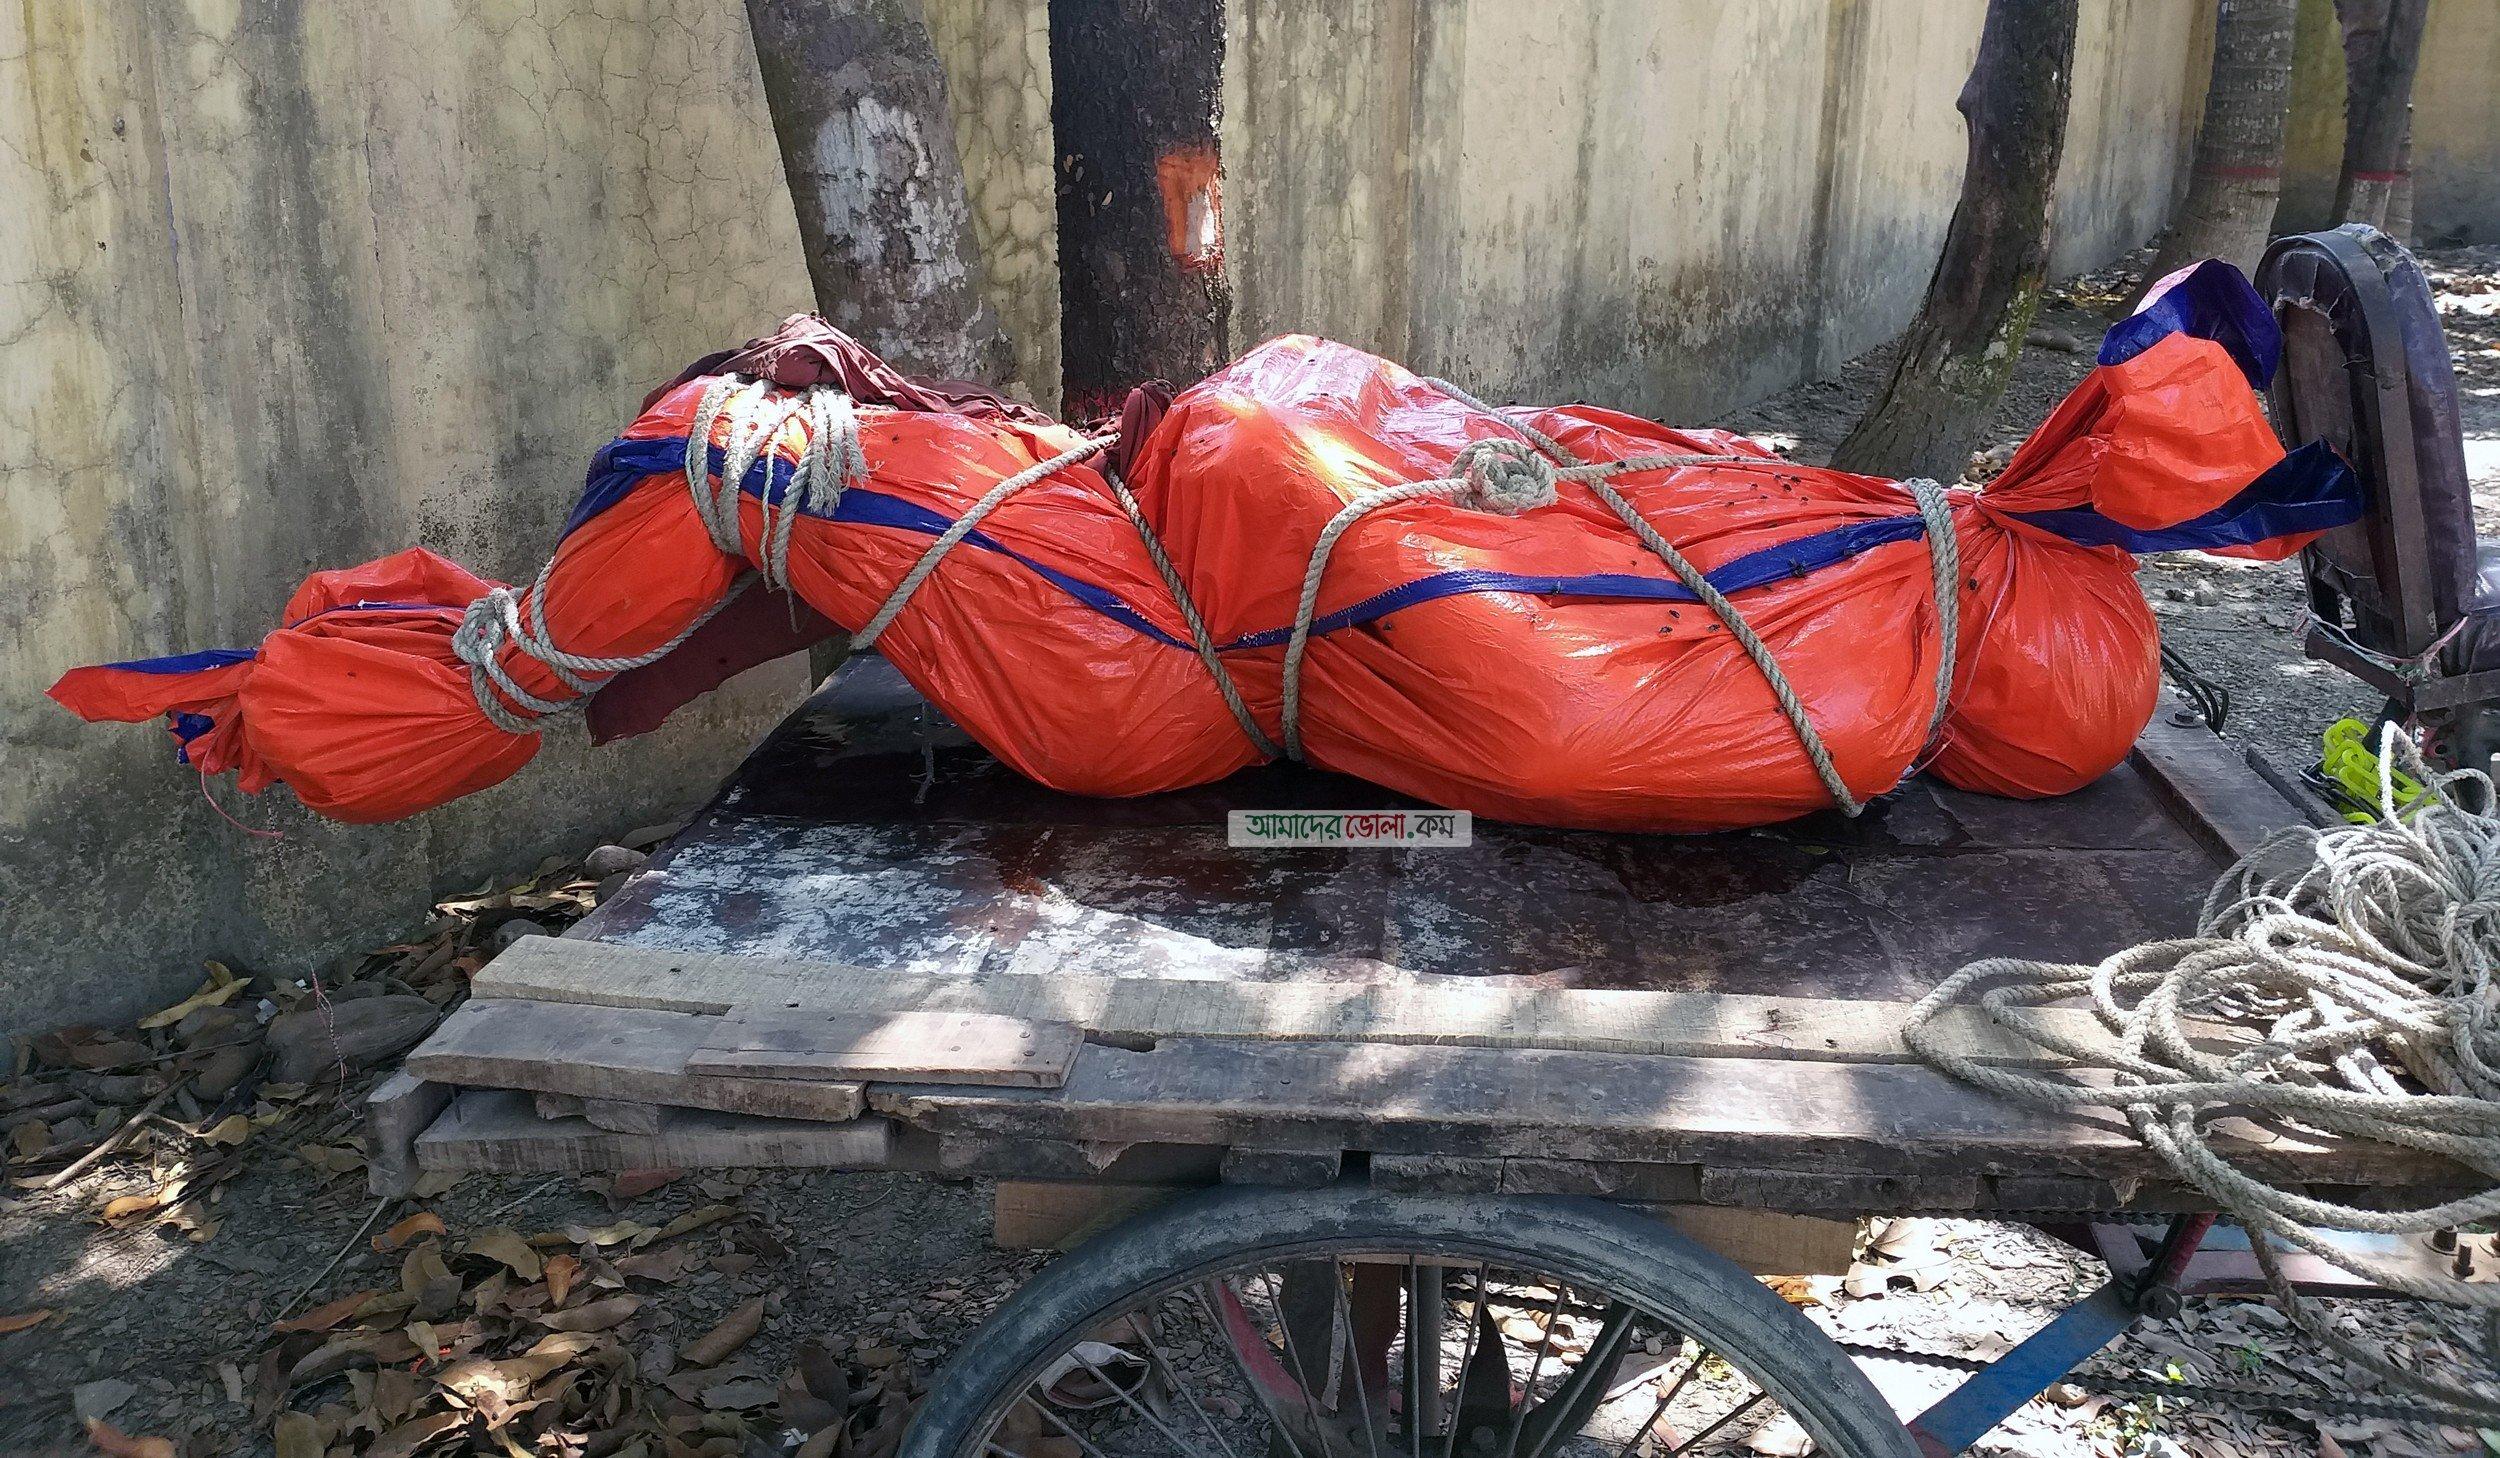 তজুমুদ্দিনে নিখোজের ৪ দিন পর শ্রমিকের লাশ উদ্ধার